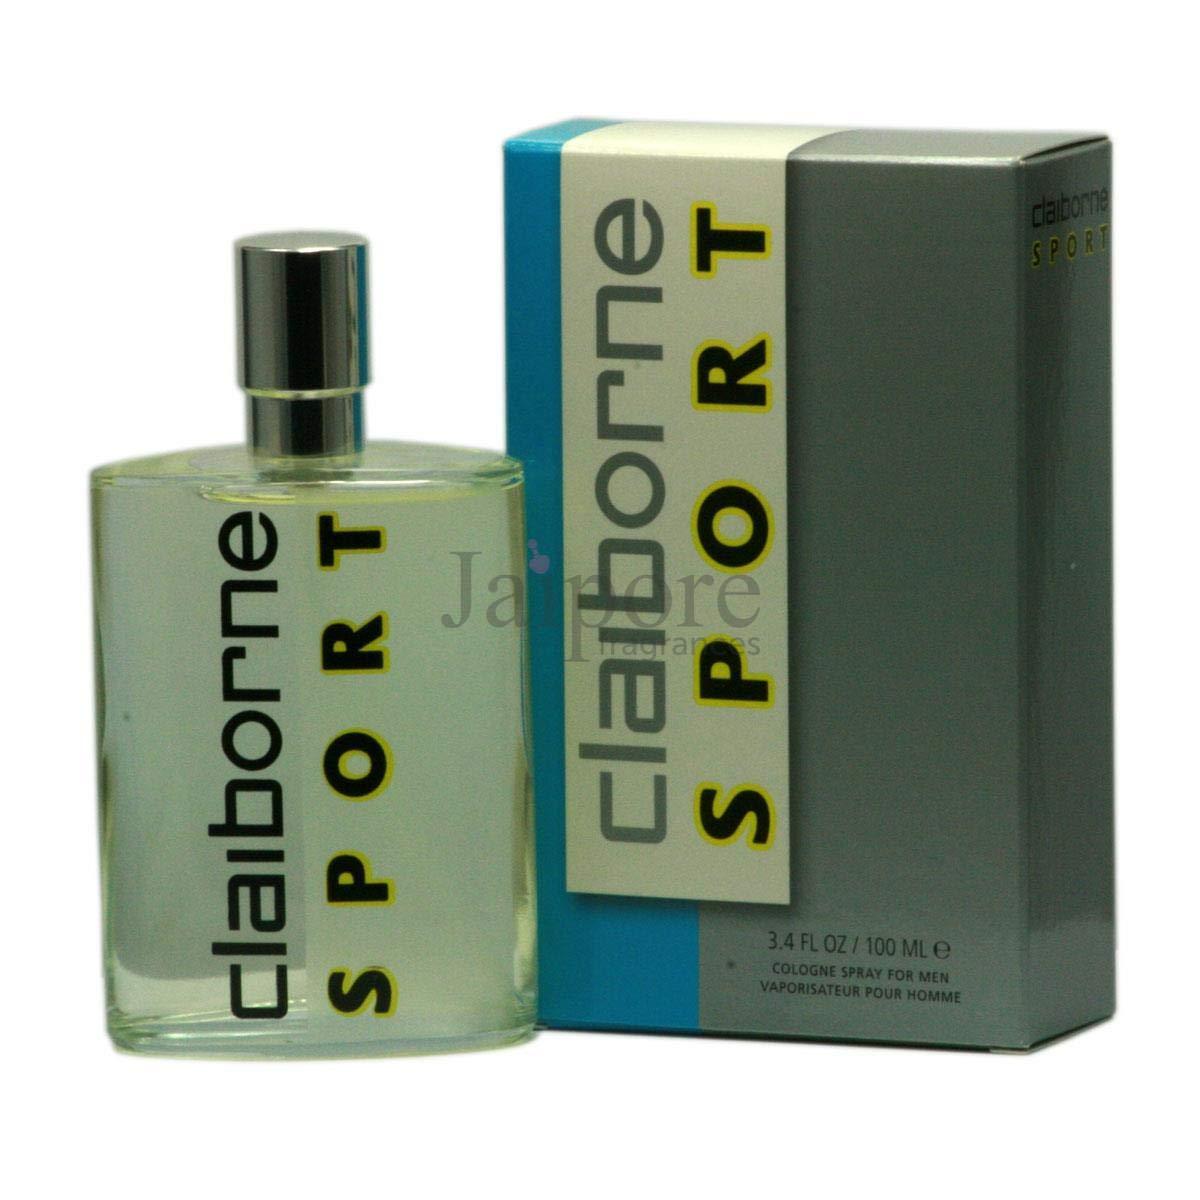 LIZ CLAIBORNE Sport By Liz For Men Eau-de-cologne Spray, 3.4 Ounce